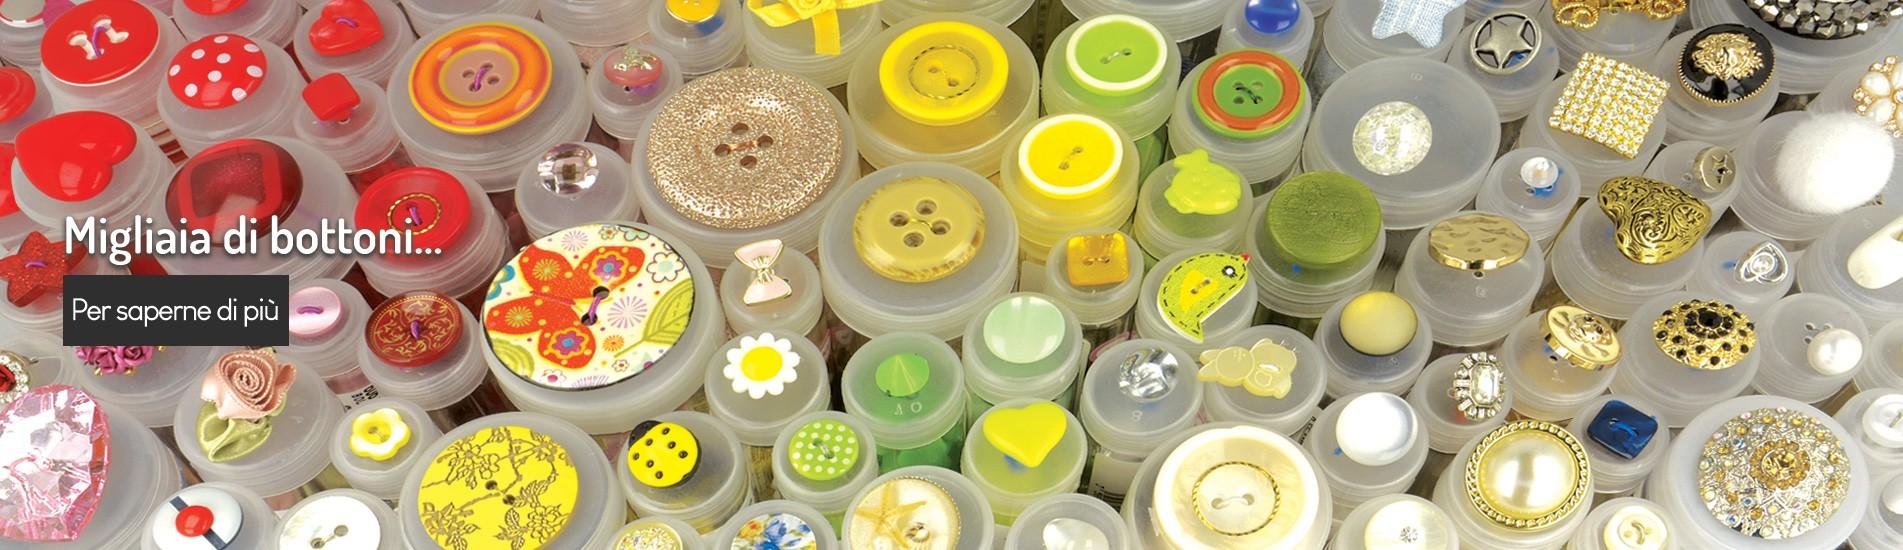 Migliaia di bottoni…